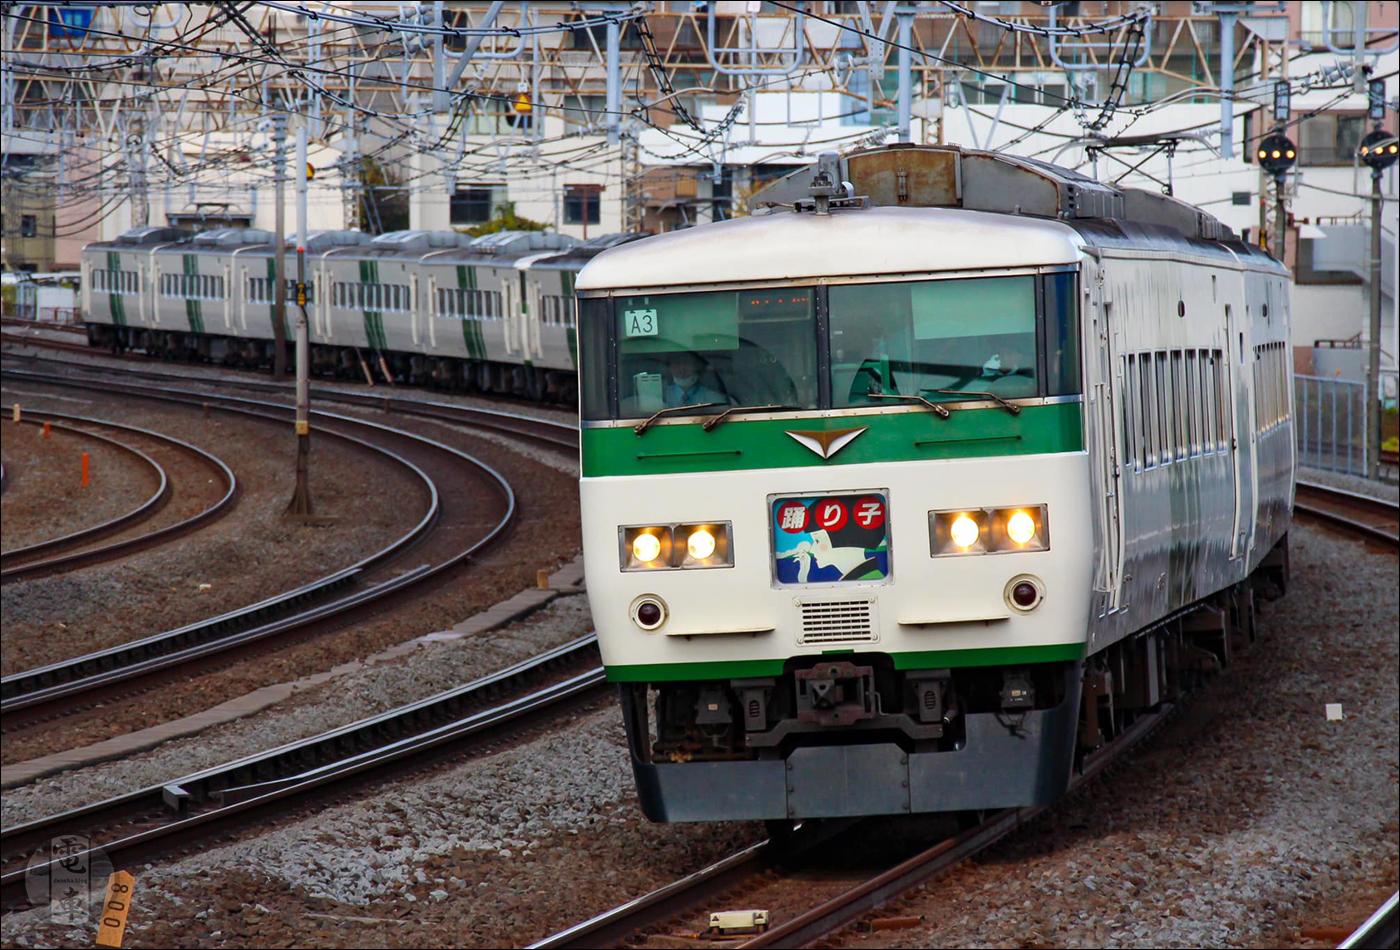 JR East 185-0-as sorozatú motorvonat 2019 őszén Totsuka és Ofuna között.